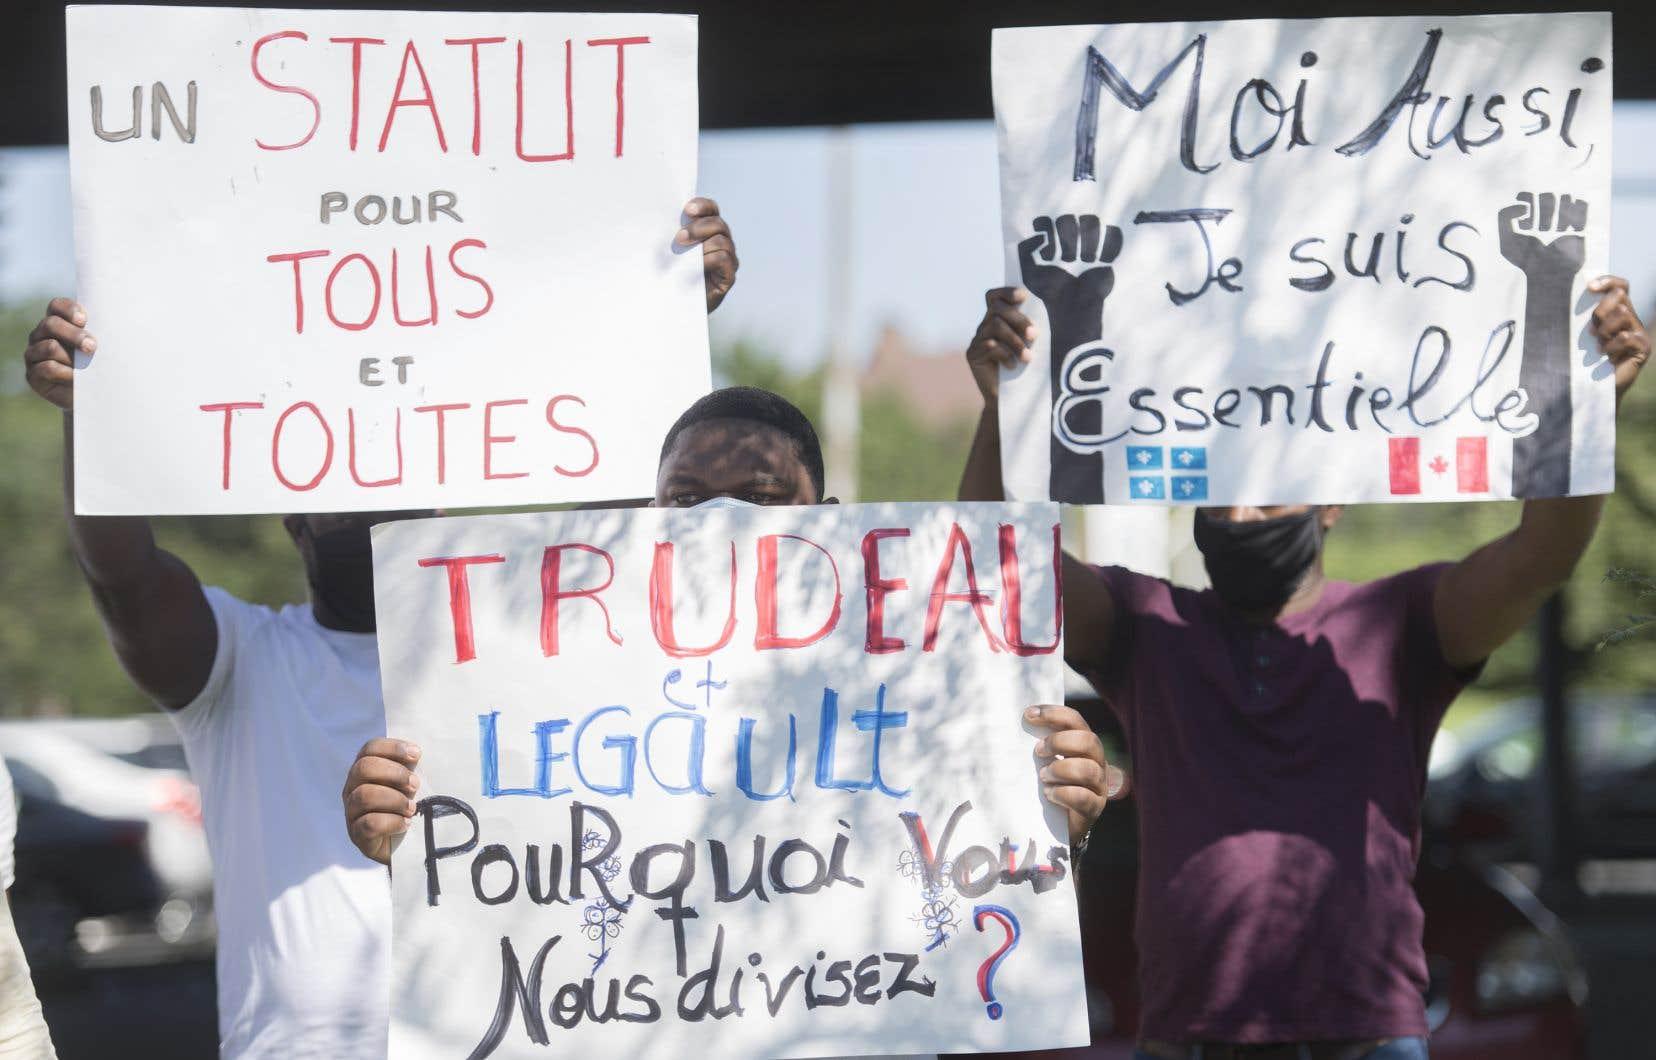 Des manifestants s'étaient rassemblés devant le bureau de Justin Trudeau, à Montréal, samedi dernier, pour réclamer un statut pour tous et toutes.